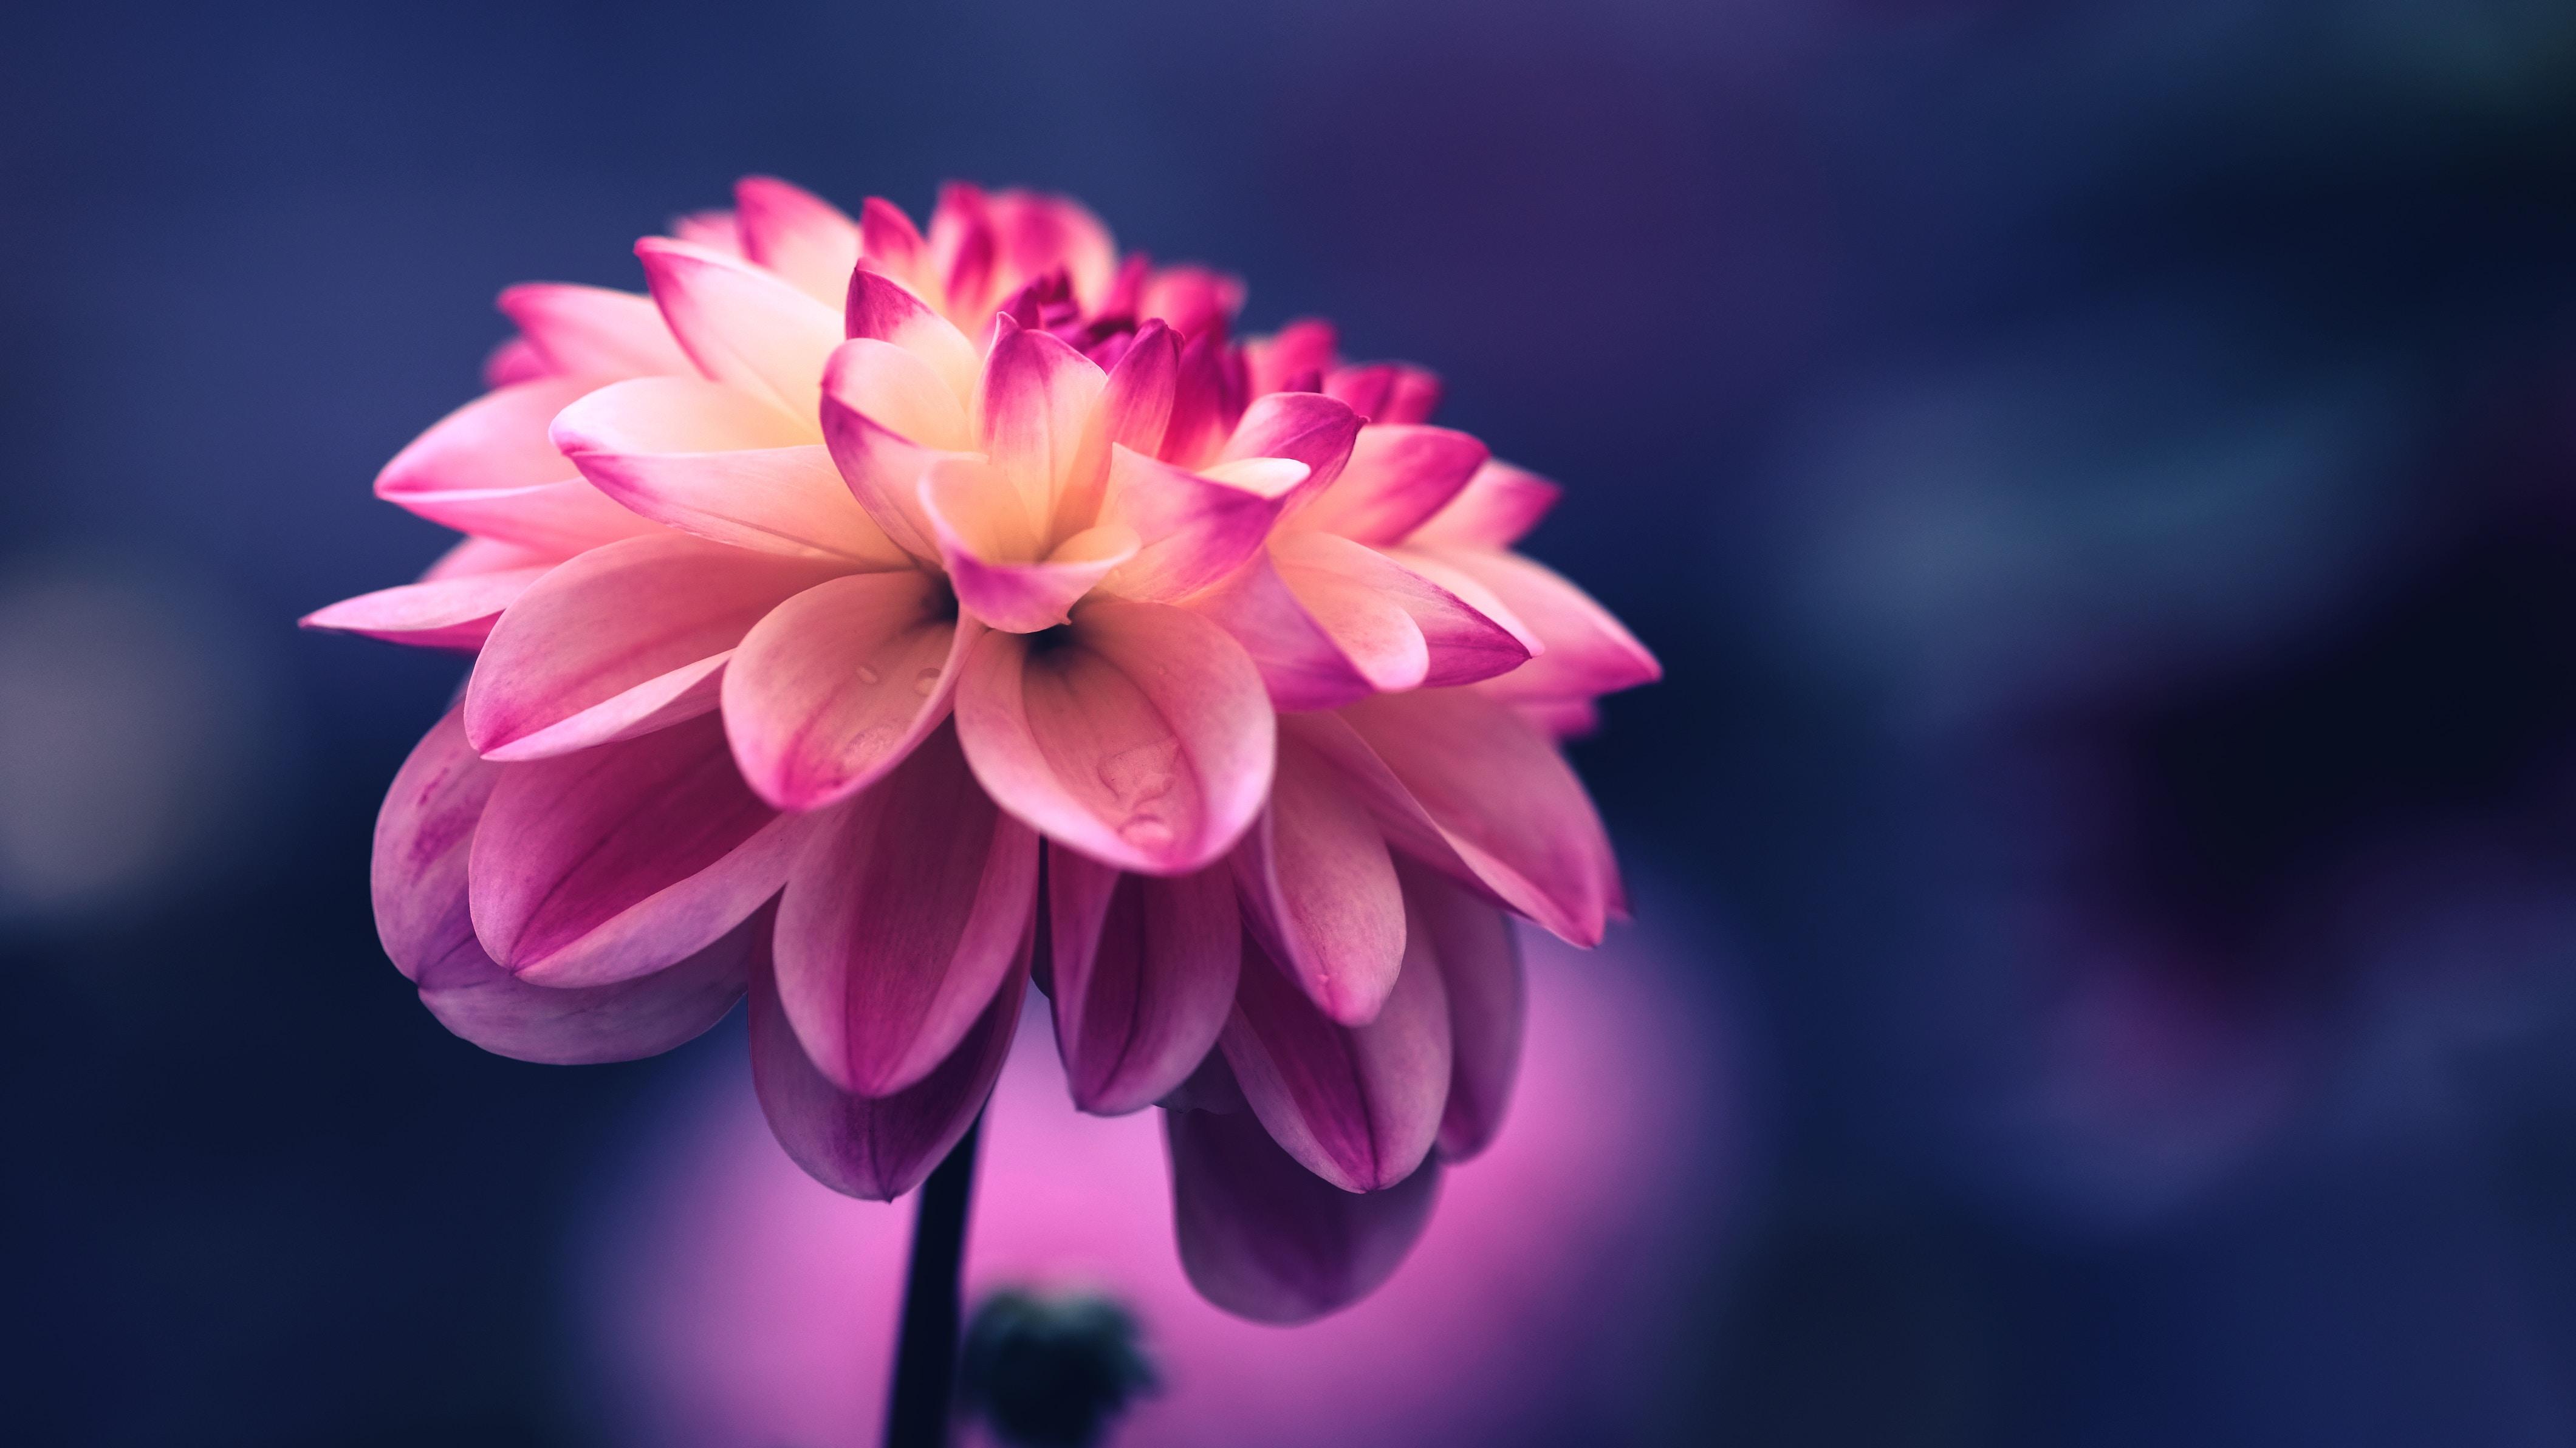 107849 Hintergrundbild herunterladen Blumen, Rosa, Blume, Blütenblätter, Knospe, Bud, Nahaufnahme - Bildschirmschoner und Bilder kostenlos